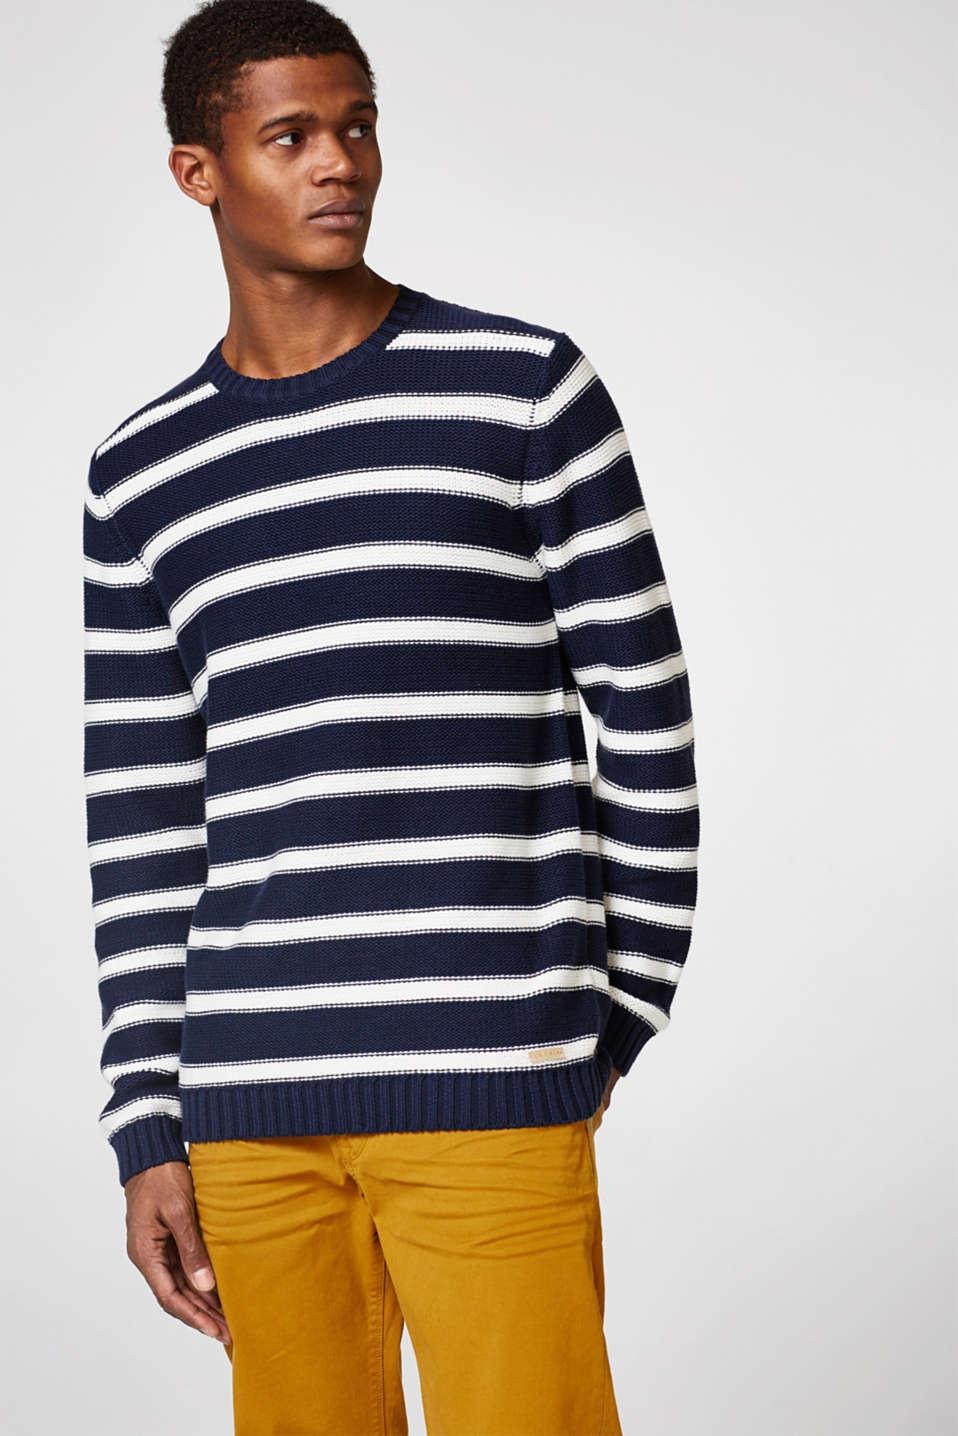 esprit grobstrick sweater mit maritimen streifen im online shop kaufen. Black Bedroom Furniture Sets. Home Design Ideas